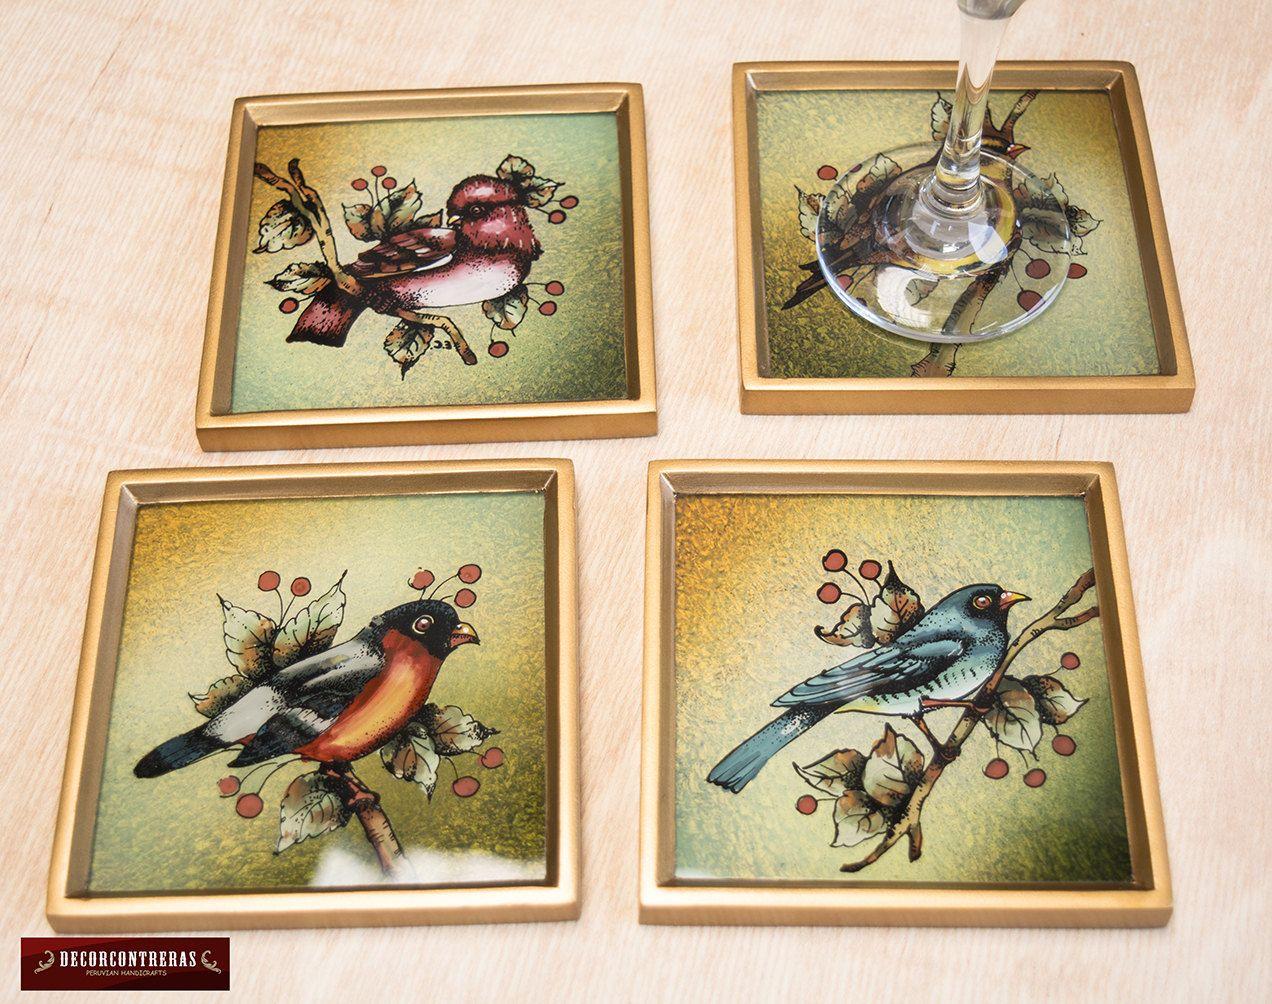 """Posavasos set 4 unid Hecho a mano """"Aves Cantoras"""" - Artesania Peruana - Posavasos de madera y vidrio pintado a mano - Posavasos para el Bar by DECORCONTRERAS on Etsy"""